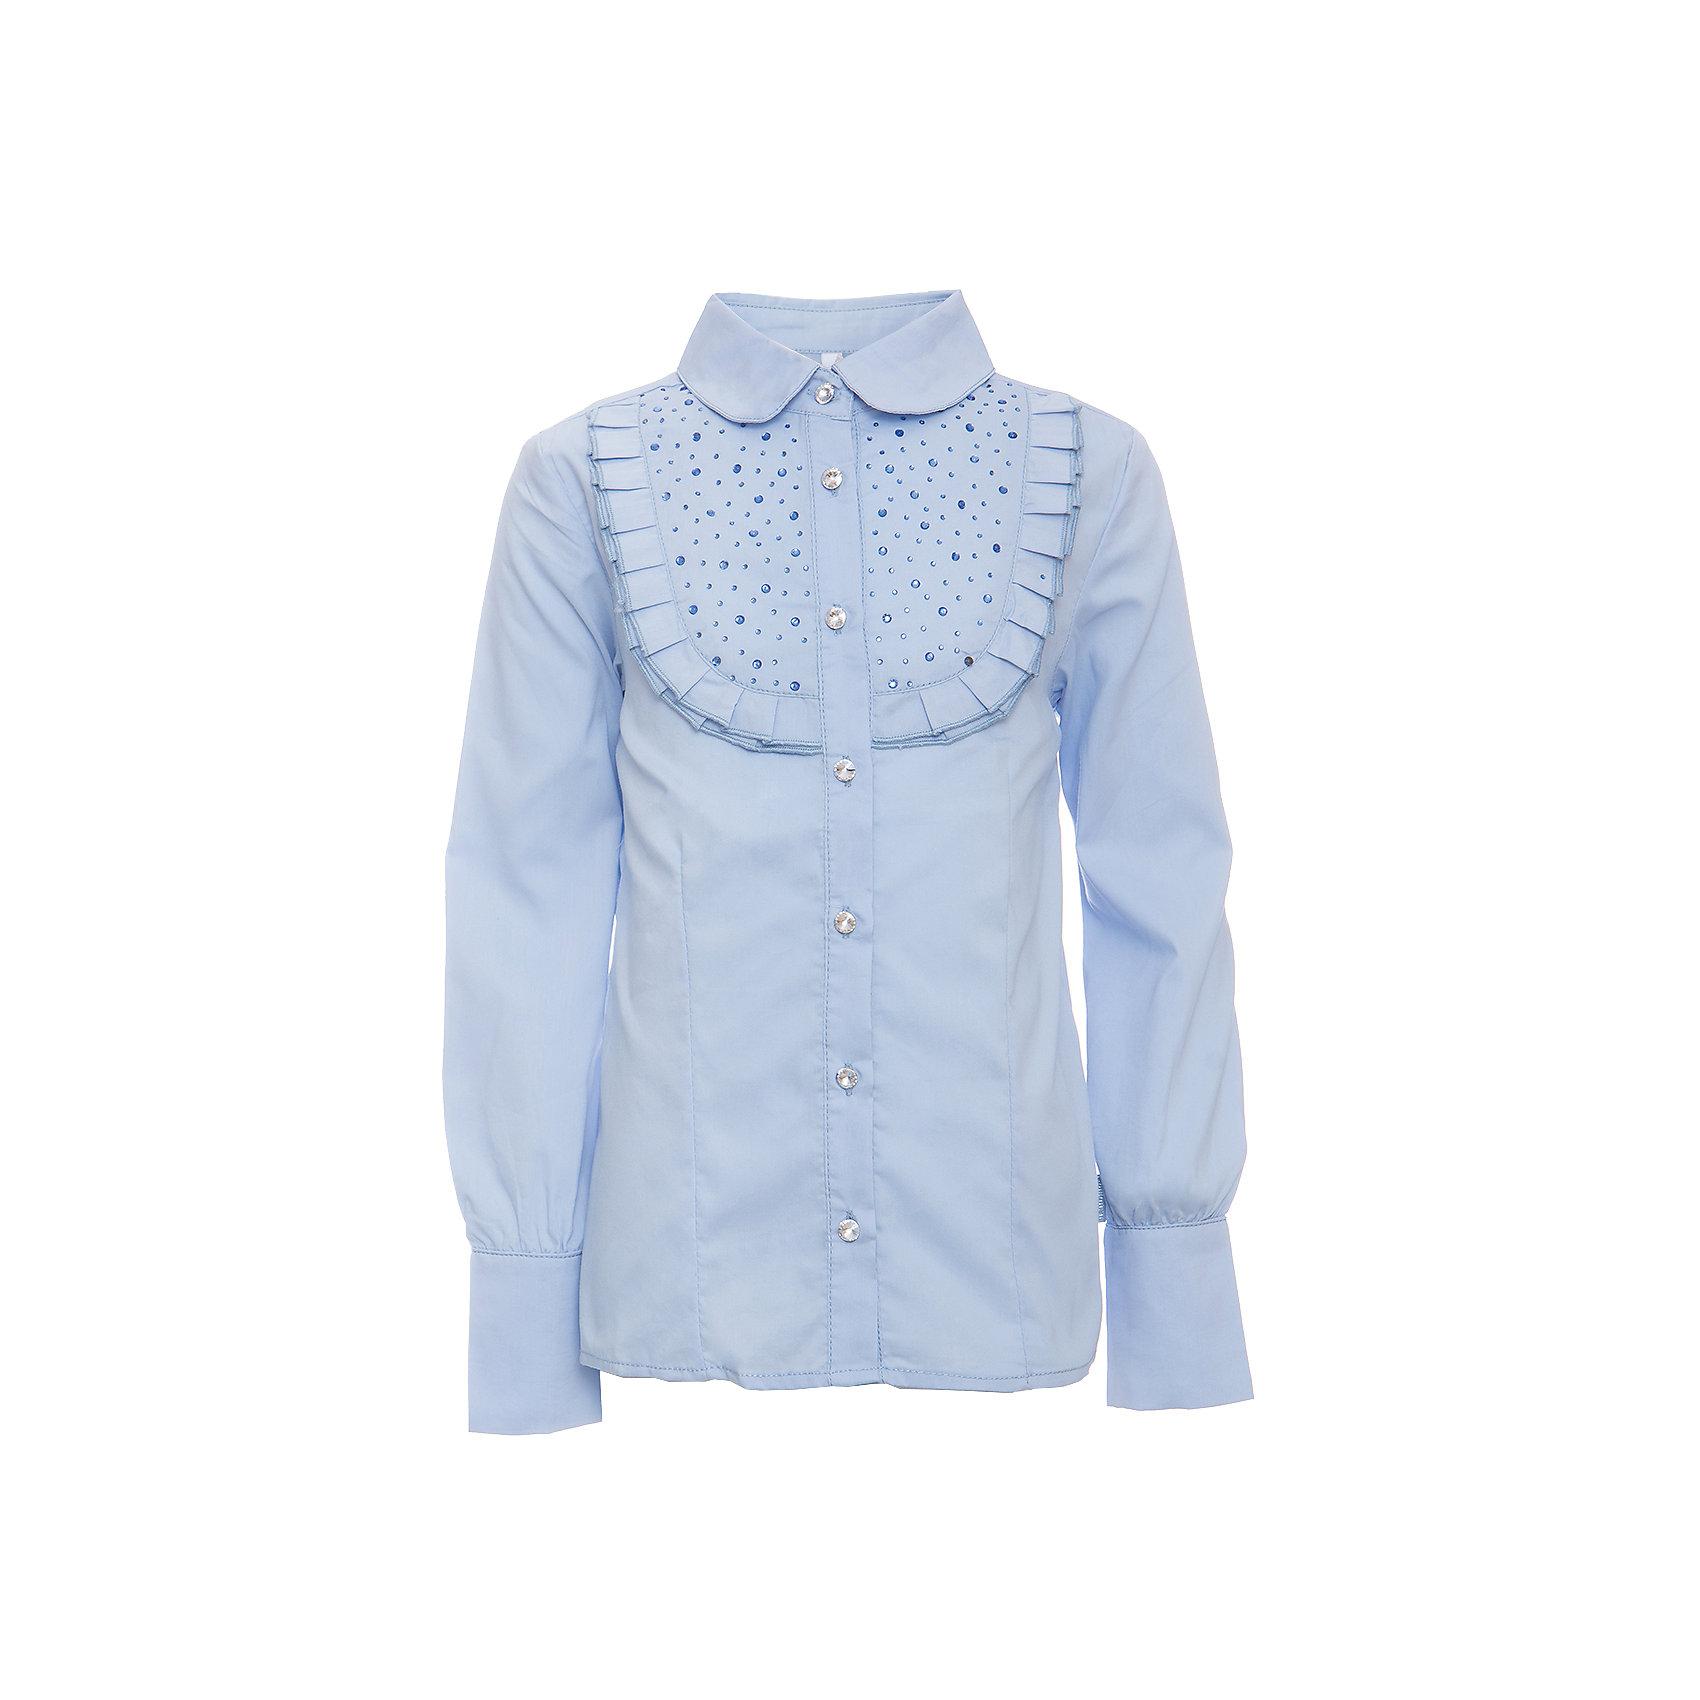 Блузка для девочки LuminosoБлузки и рубашки<br>Характеристики товара:<br><br>• цвет: голубой;<br>• состав: 65% хлопок, 32% полиэстер, 3% эластан;<br>• сезон: демисезон;<br>• особенности: школьная, с рюшами;<br>• застежка: пуговицы;<br>• с длинным рукавом;<br>• декорирована рюшами и стразами;<br>• манжеты рукавов на двух пуговицах;<br>• страна бренда: Россия;<br>• страна производства: Китай.<br><br>Школьная блузка с длинным рукавом для девочки. Голубая блузка приталенного кроя. Декорированна рюшами и стразами в тон изделию. Застегивается на пуговки, манжеты рукавов на двух пуговицах.<br><br>Блузка для девочки Luminoso (Люминосо) можно купить в нашем интернет-магазине.<br><br>Ширина мм: 186<br>Глубина мм: 87<br>Высота мм: 198<br>Вес г: 197<br>Цвет: голубой<br>Возраст от месяцев: 156<br>Возраст до месяцев: 168<br>Пол: Женский<br>Возраст: Детский<br>Размер: 164,146,122,128,134,140,152,158<br>SKU: 6672029